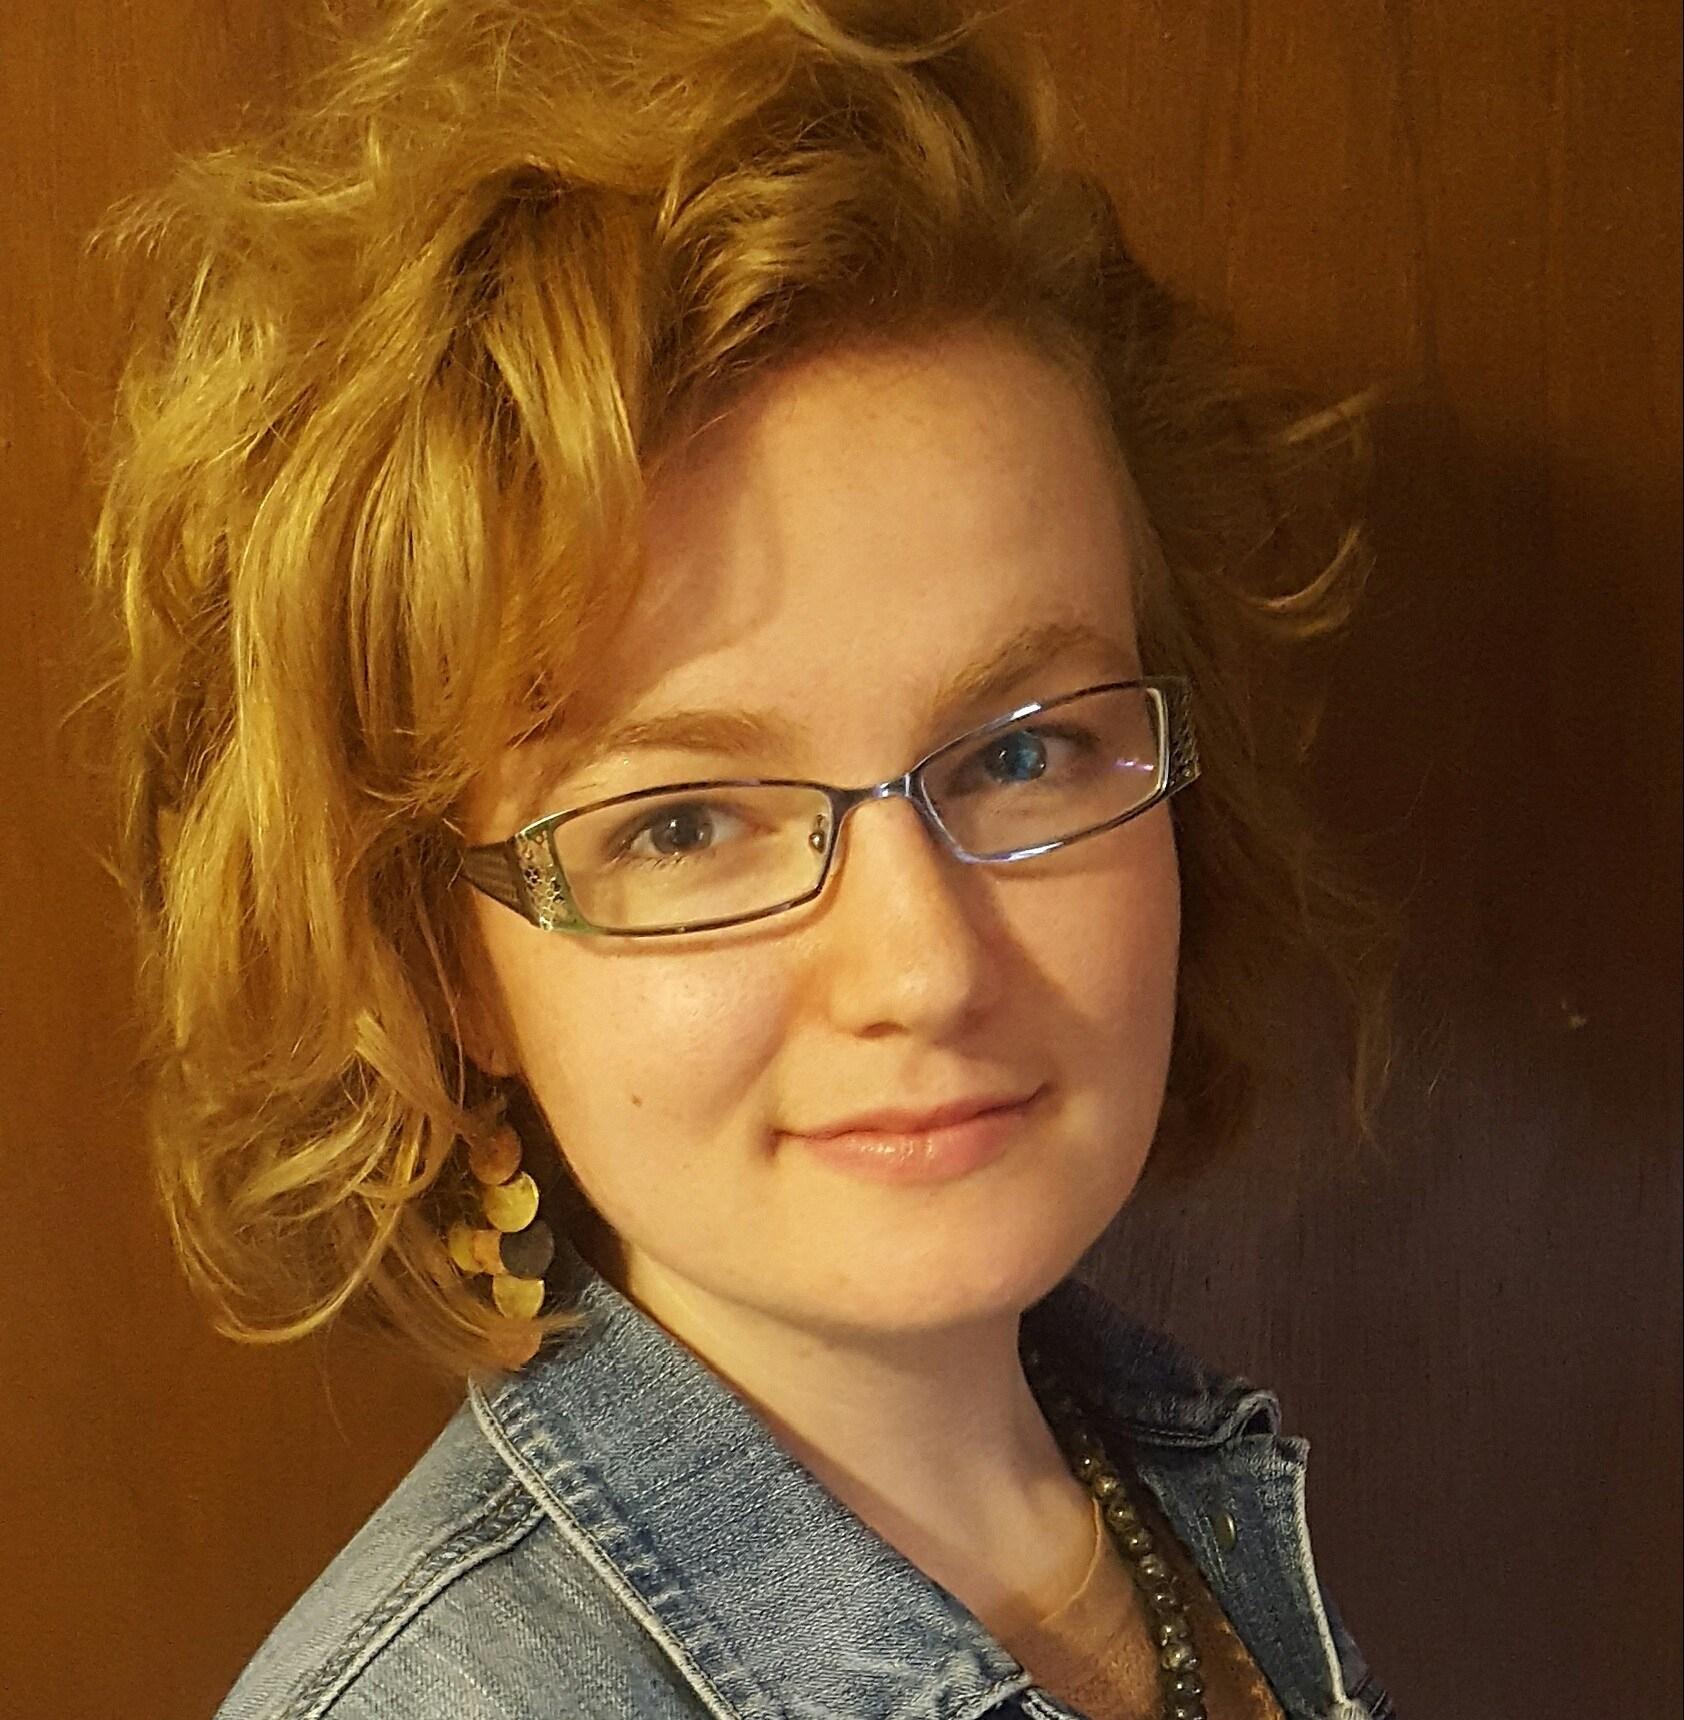 Kimberly Woodman, Missouri State University